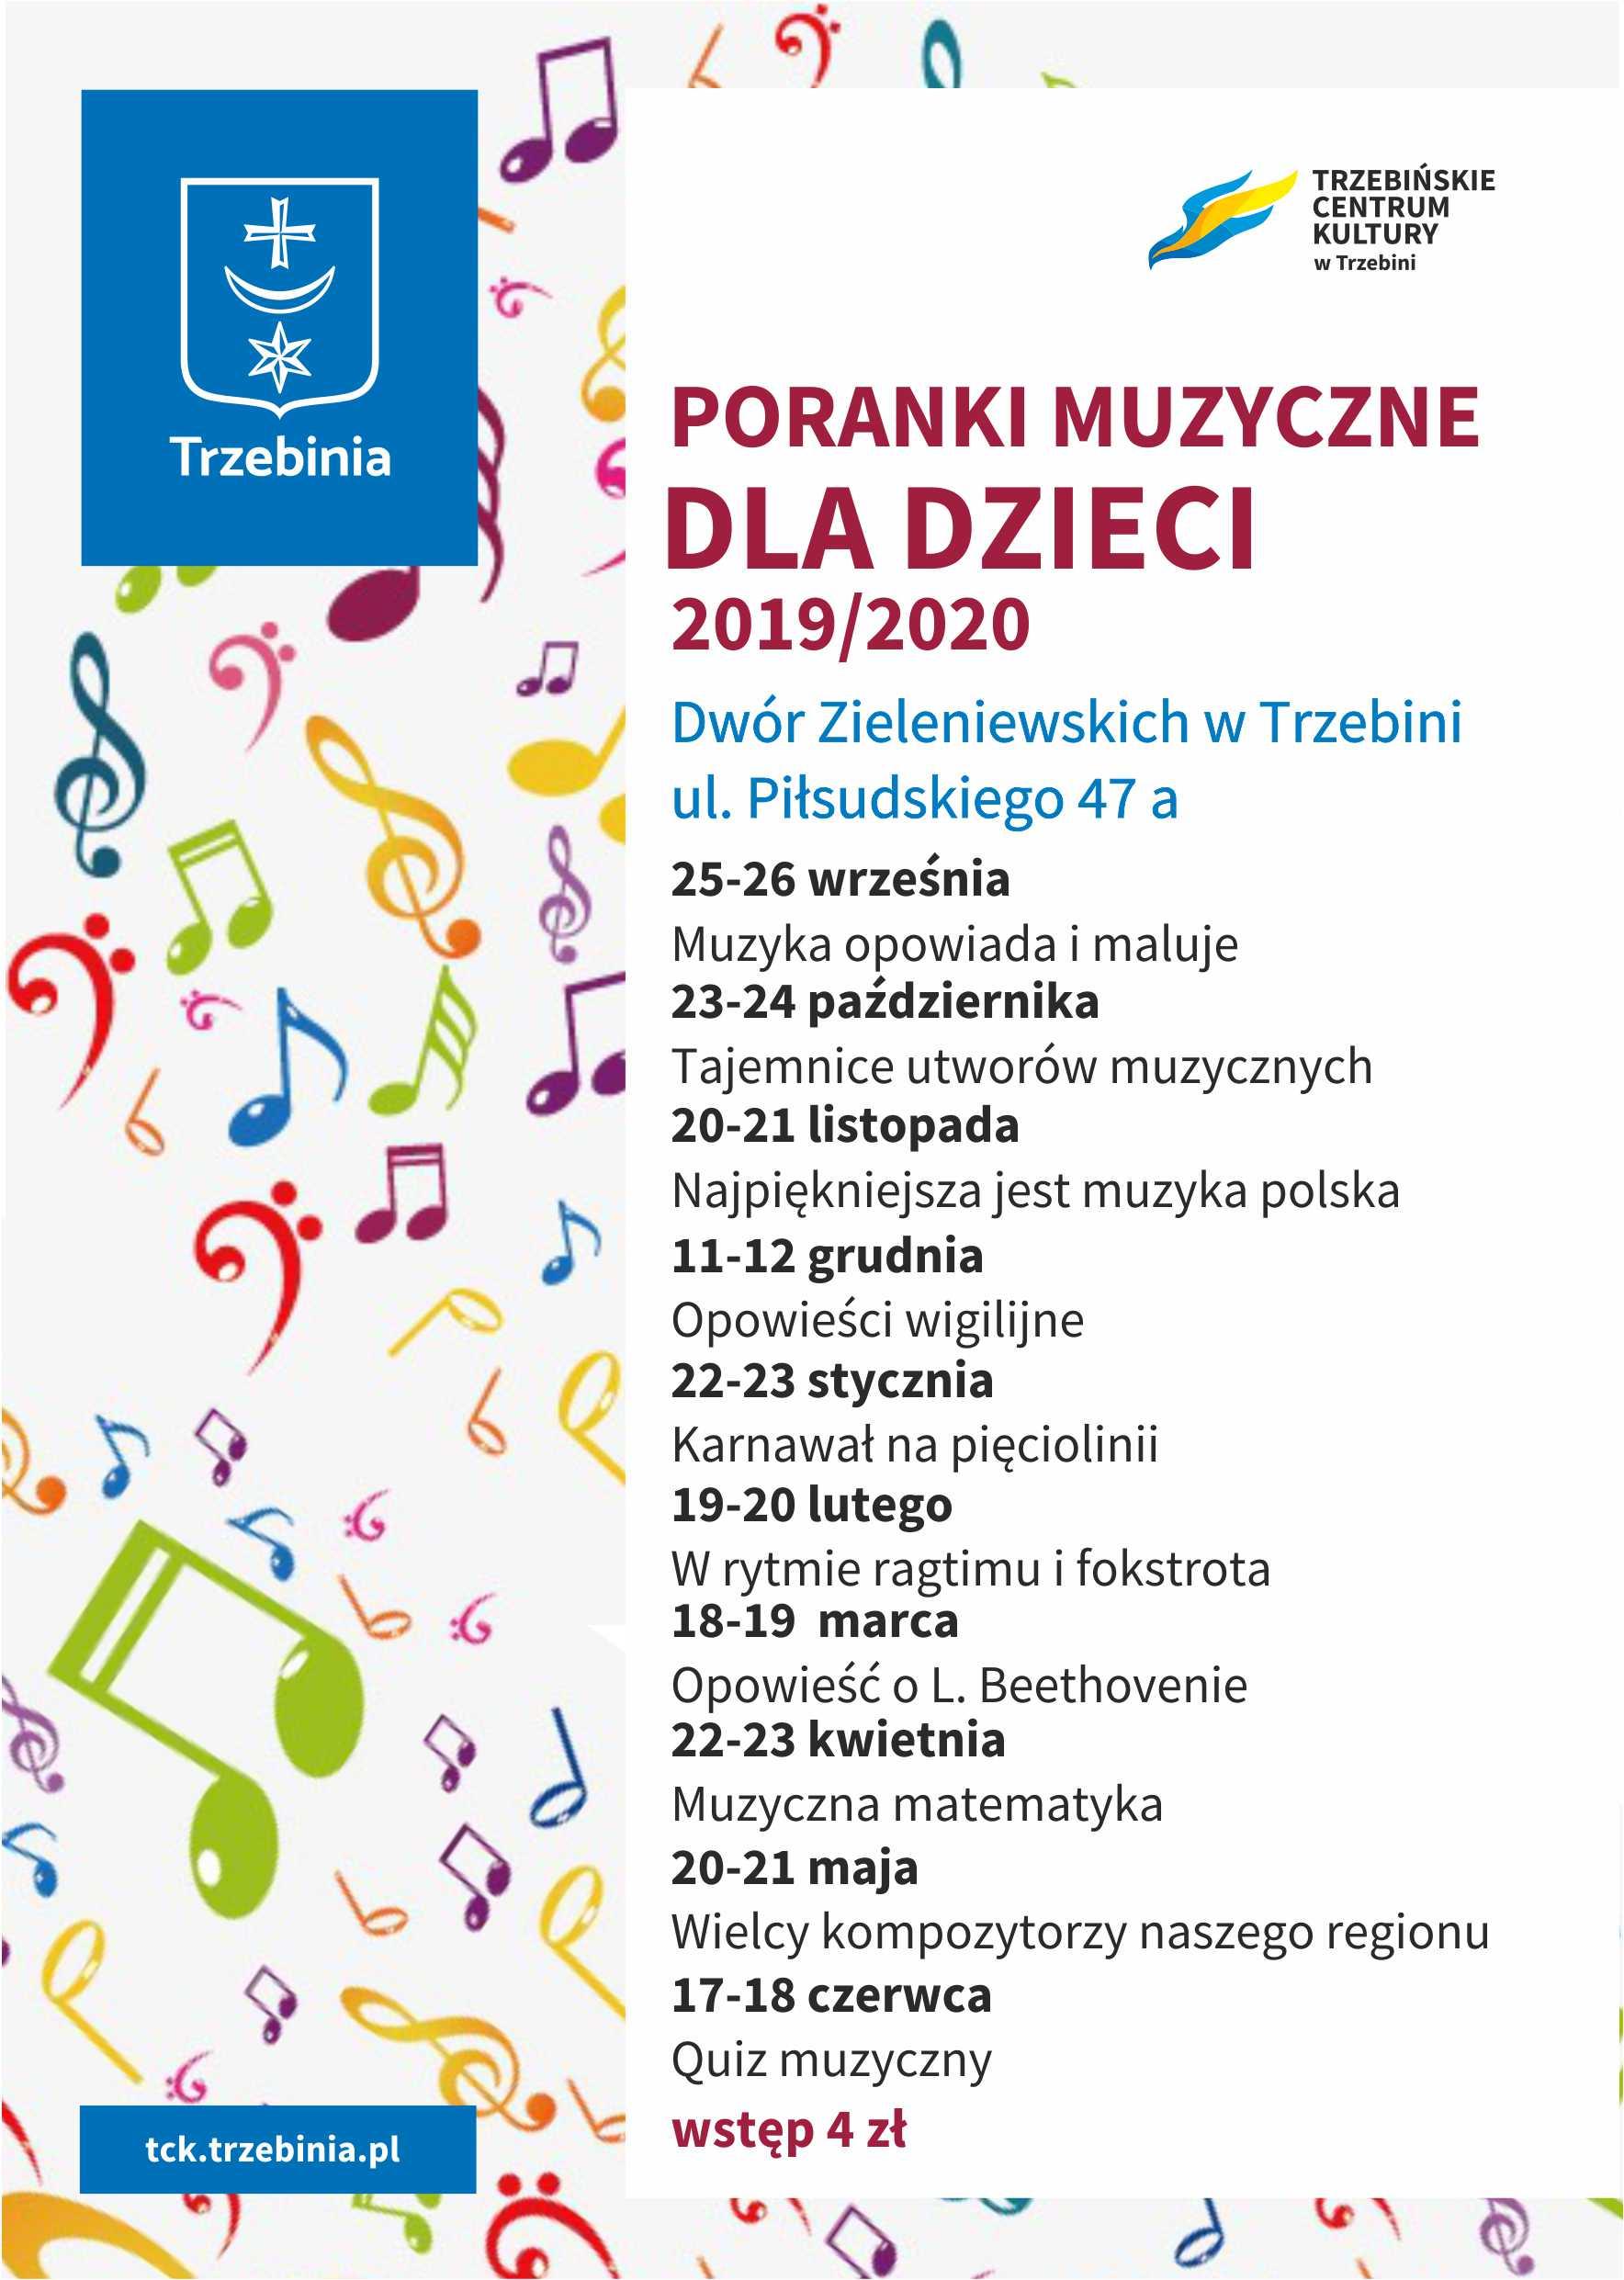 Poranki muzyczne dla dzieci - ODWOŁANE